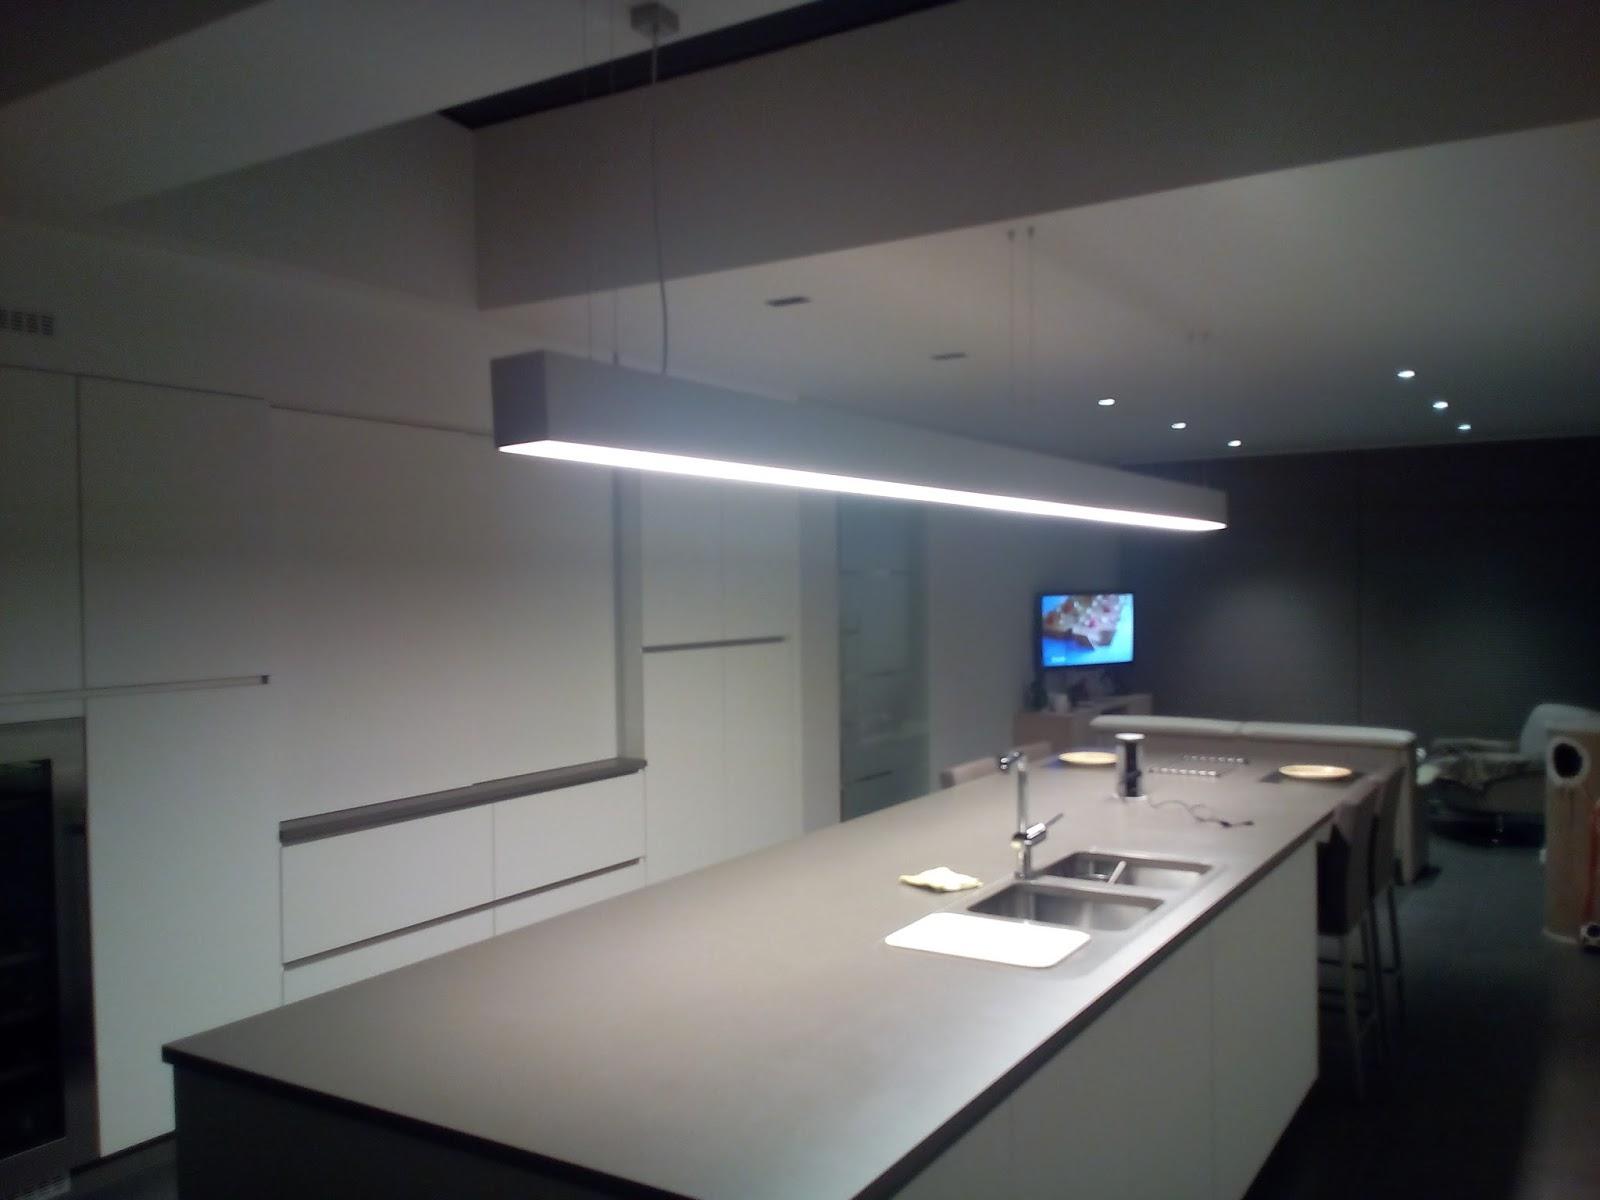 Verbouwing in burst verlichting keuken for Verlichting keuken